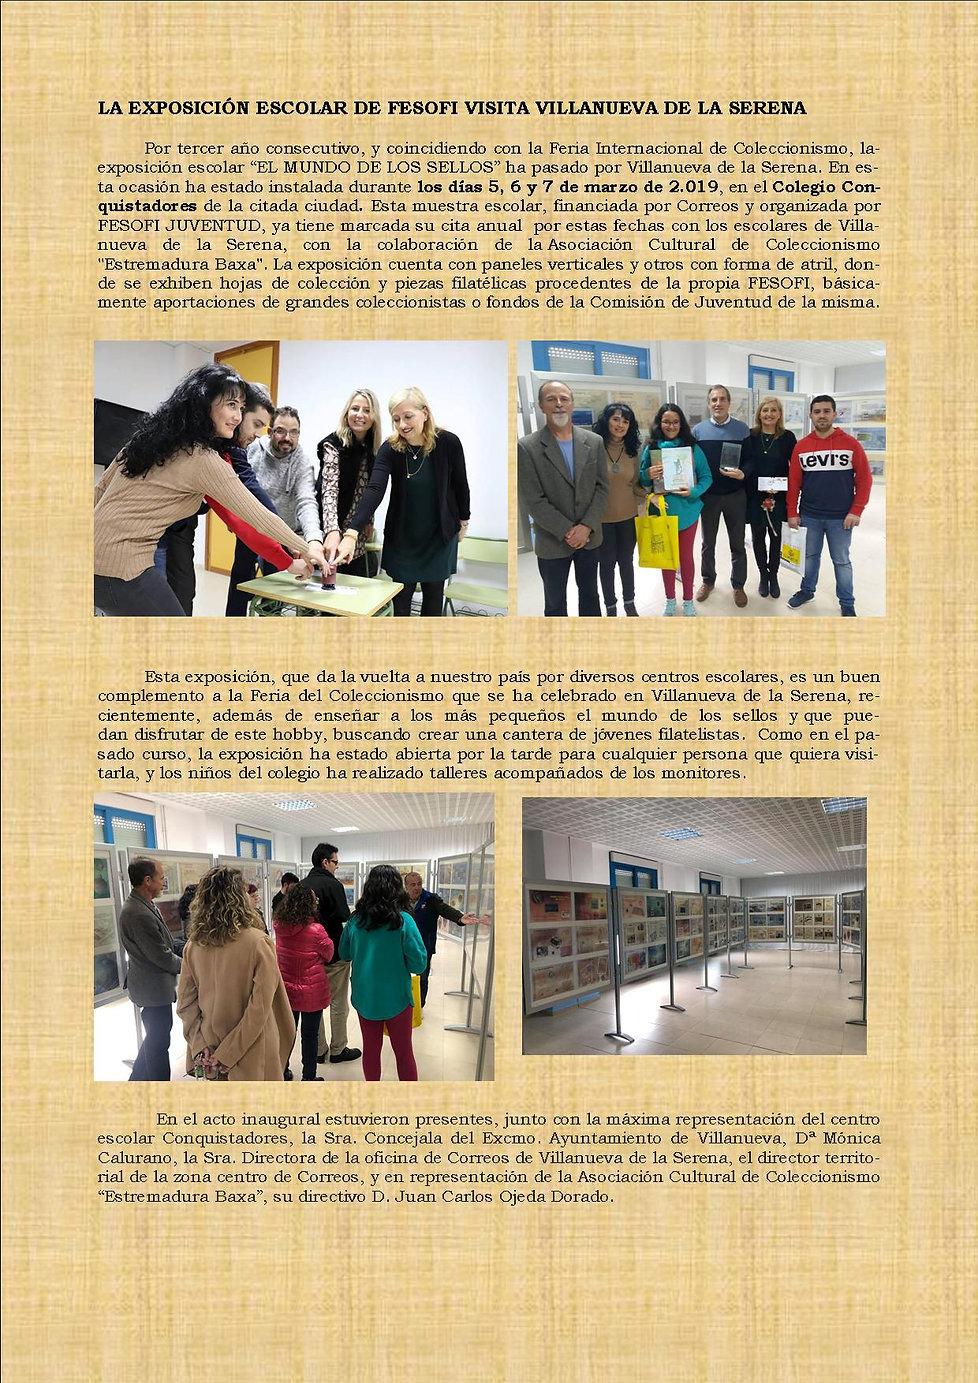 Noticia_exposición_escolar_en_Villanueva